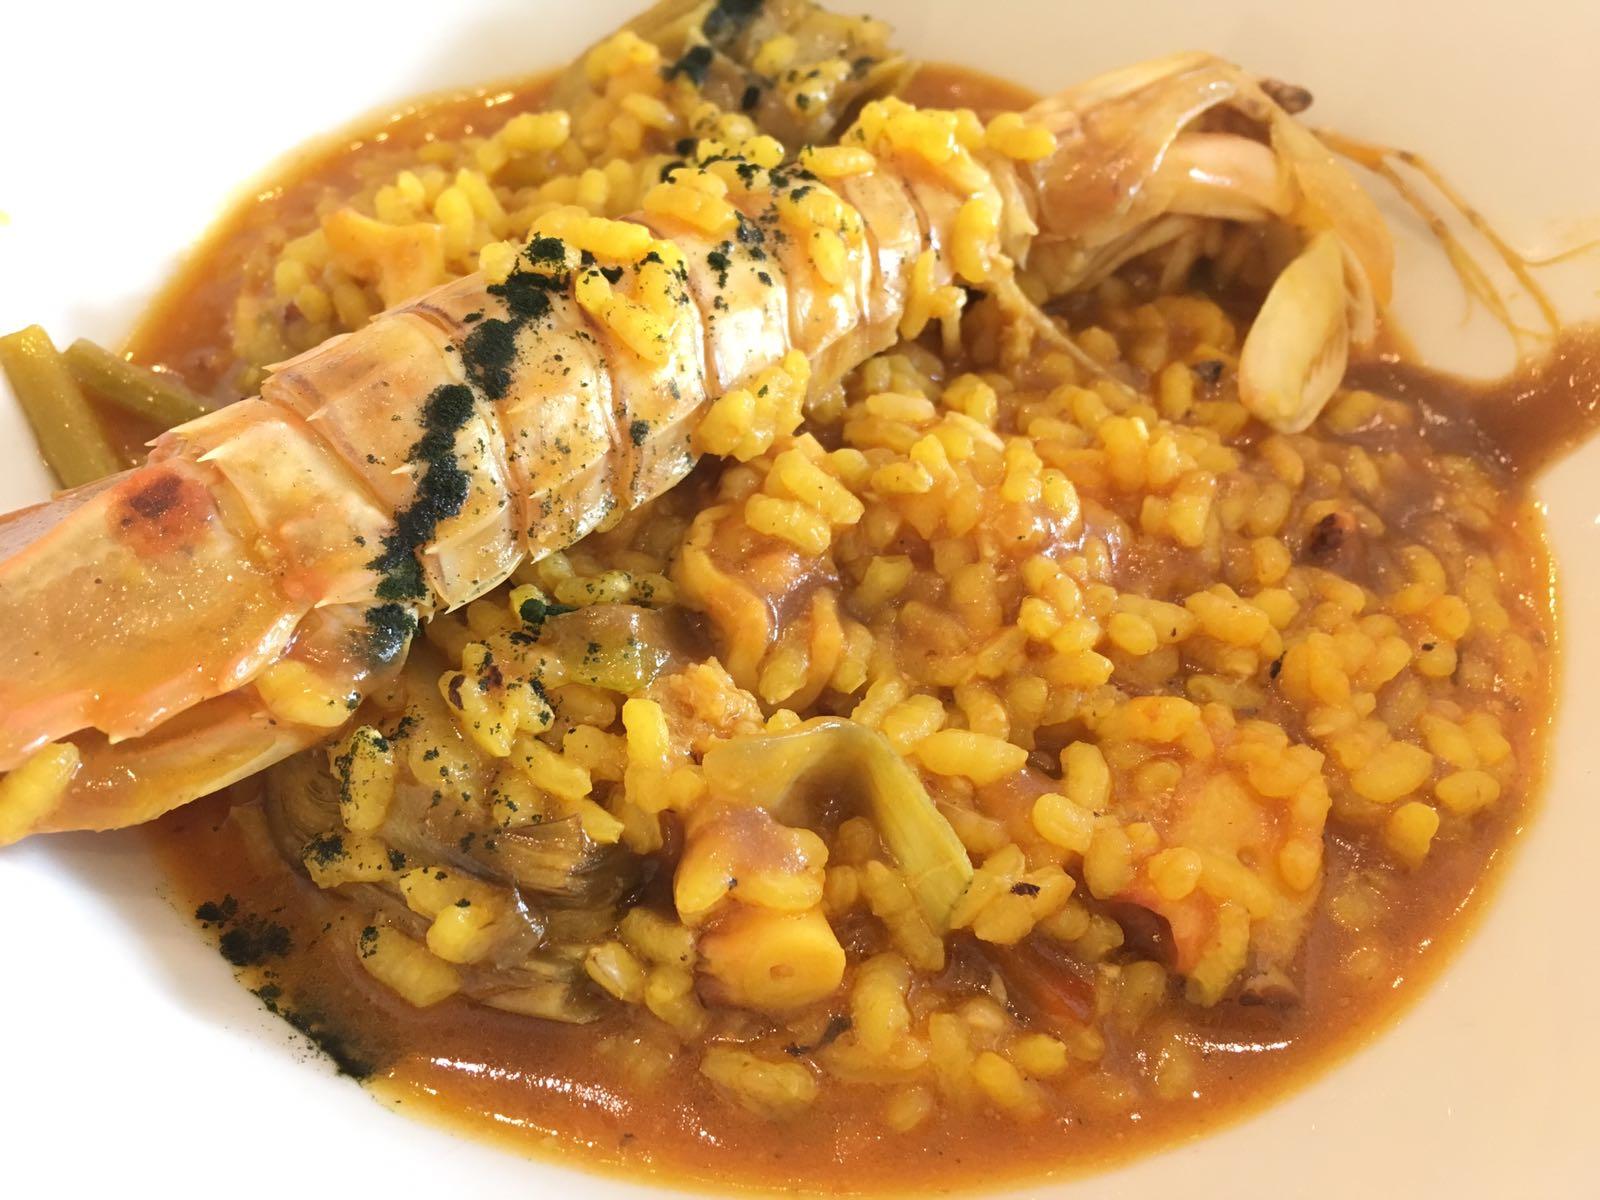 restaurante neptuno benicarlo arroz con galeras